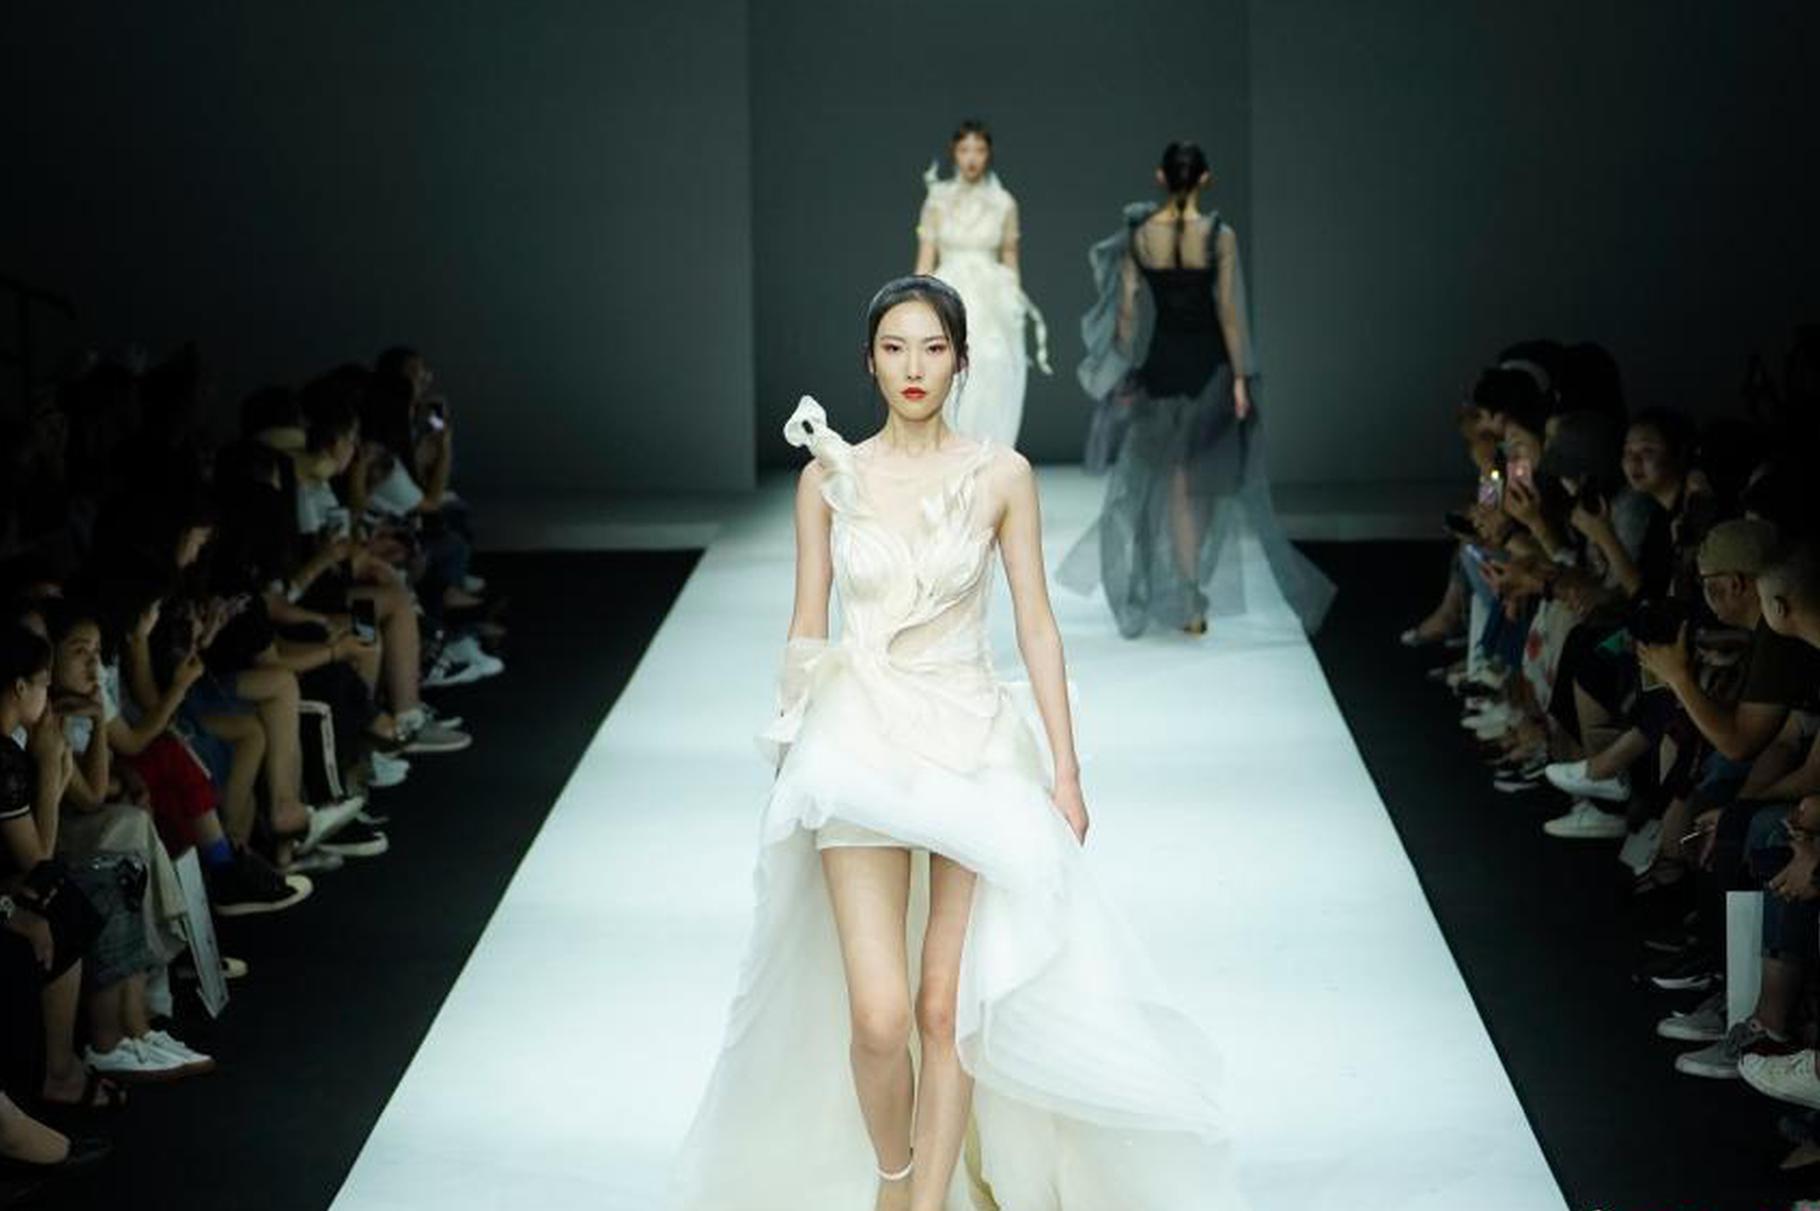 中国国际大学生时装周:湖南工艺美术职业学院作品发布